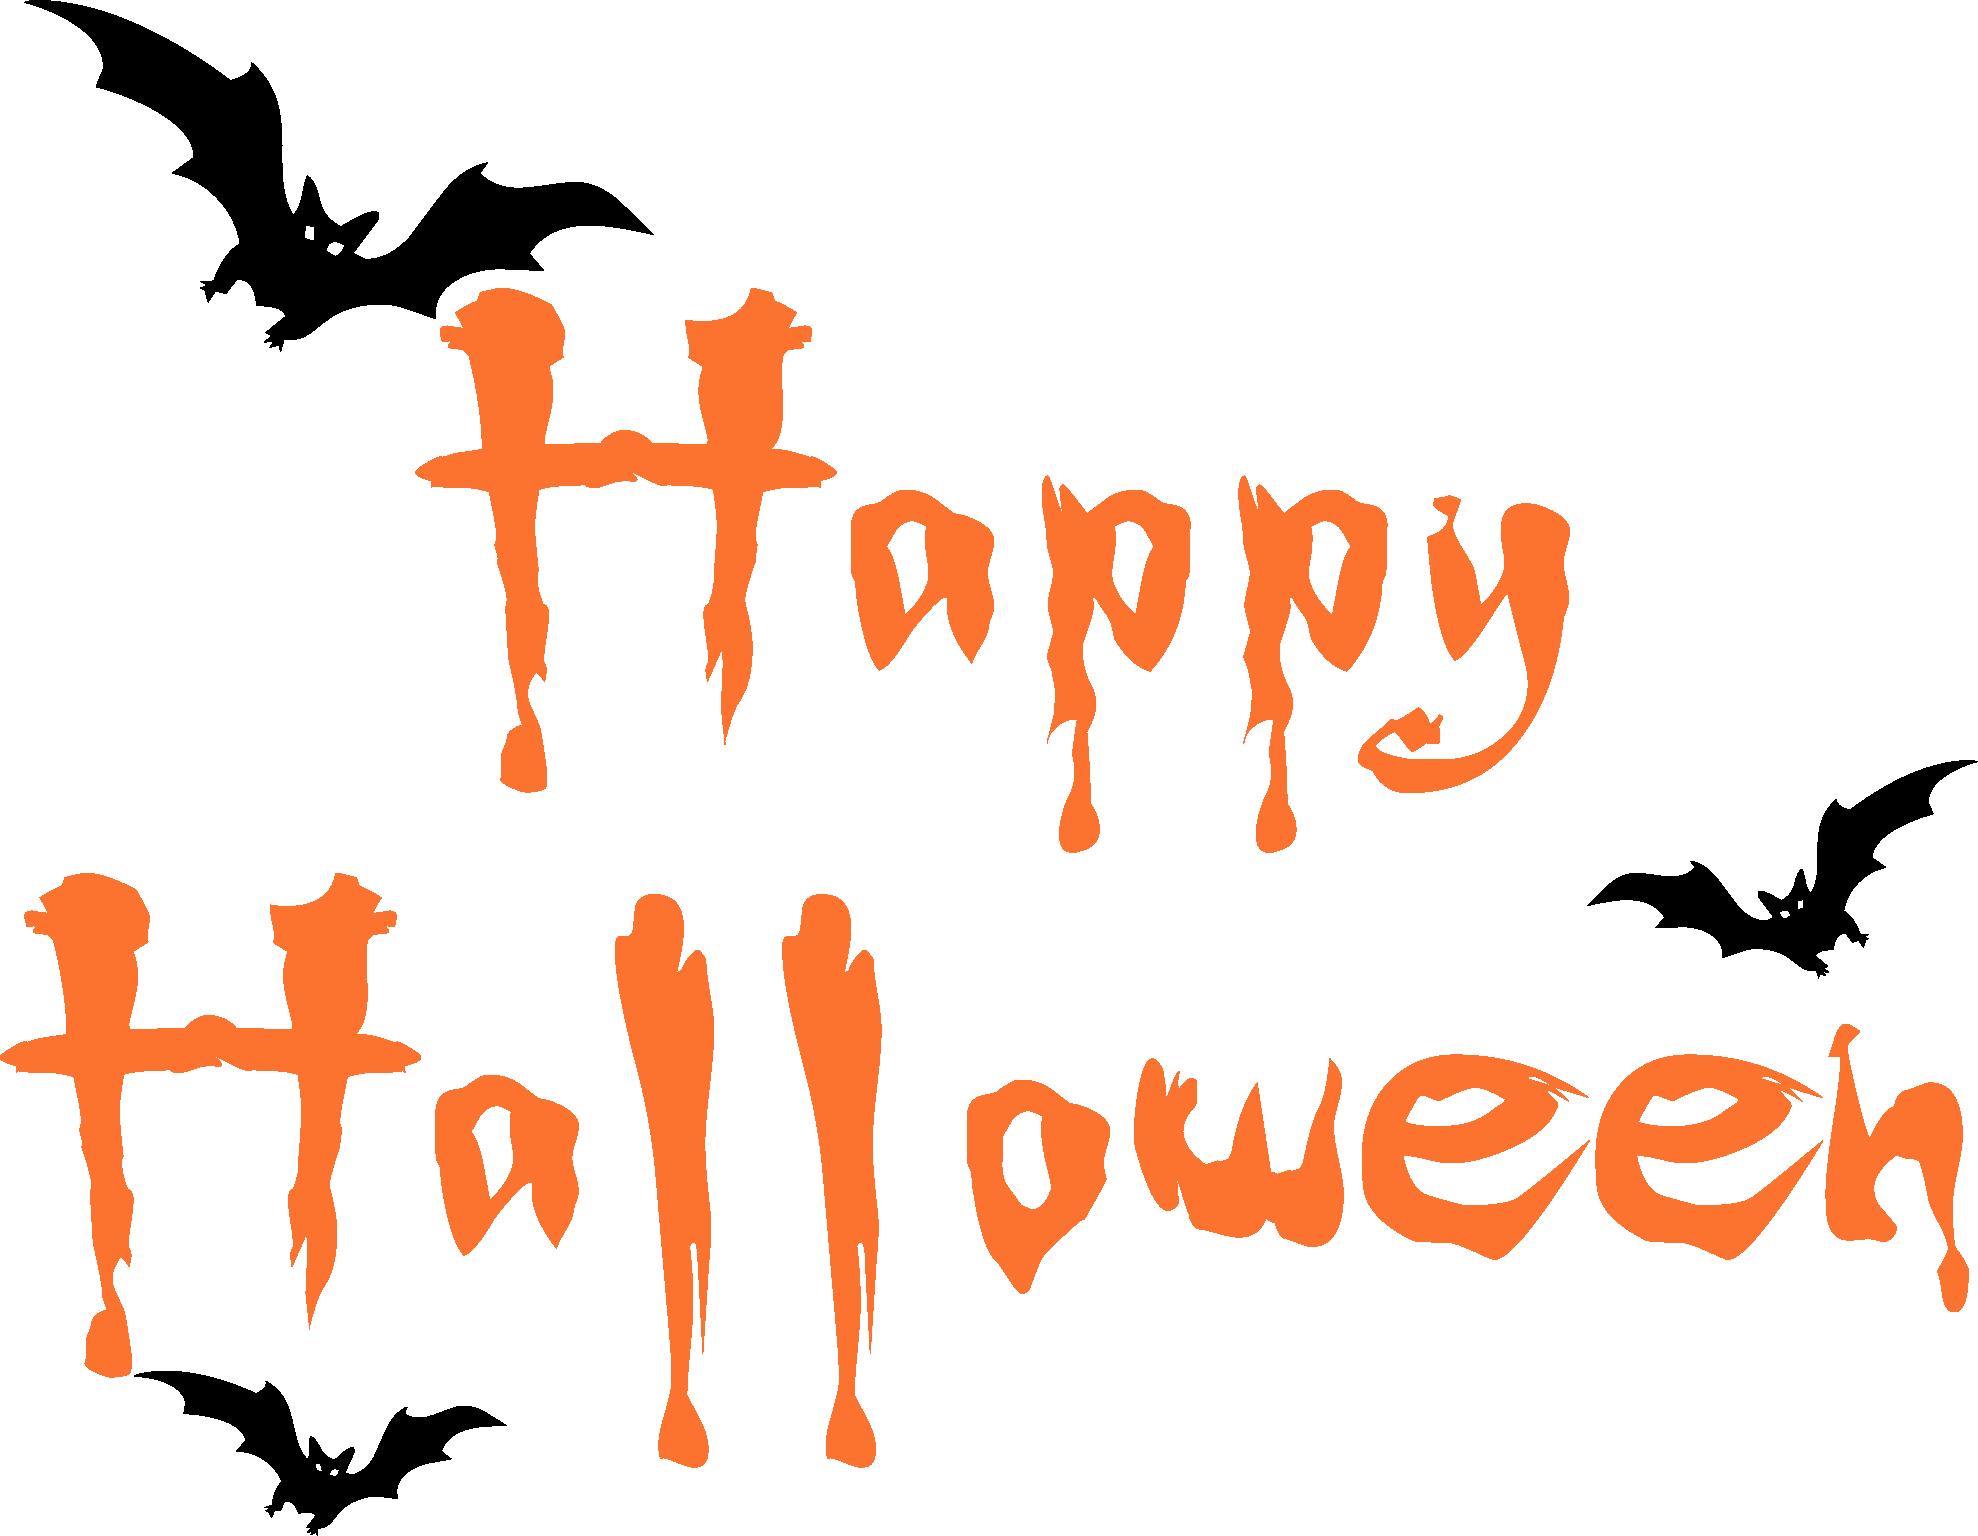 Mary engelbreit halloween clipart download halloween clipart | Happy Halloween Bats - Trading Phrases | TRICKS ... download